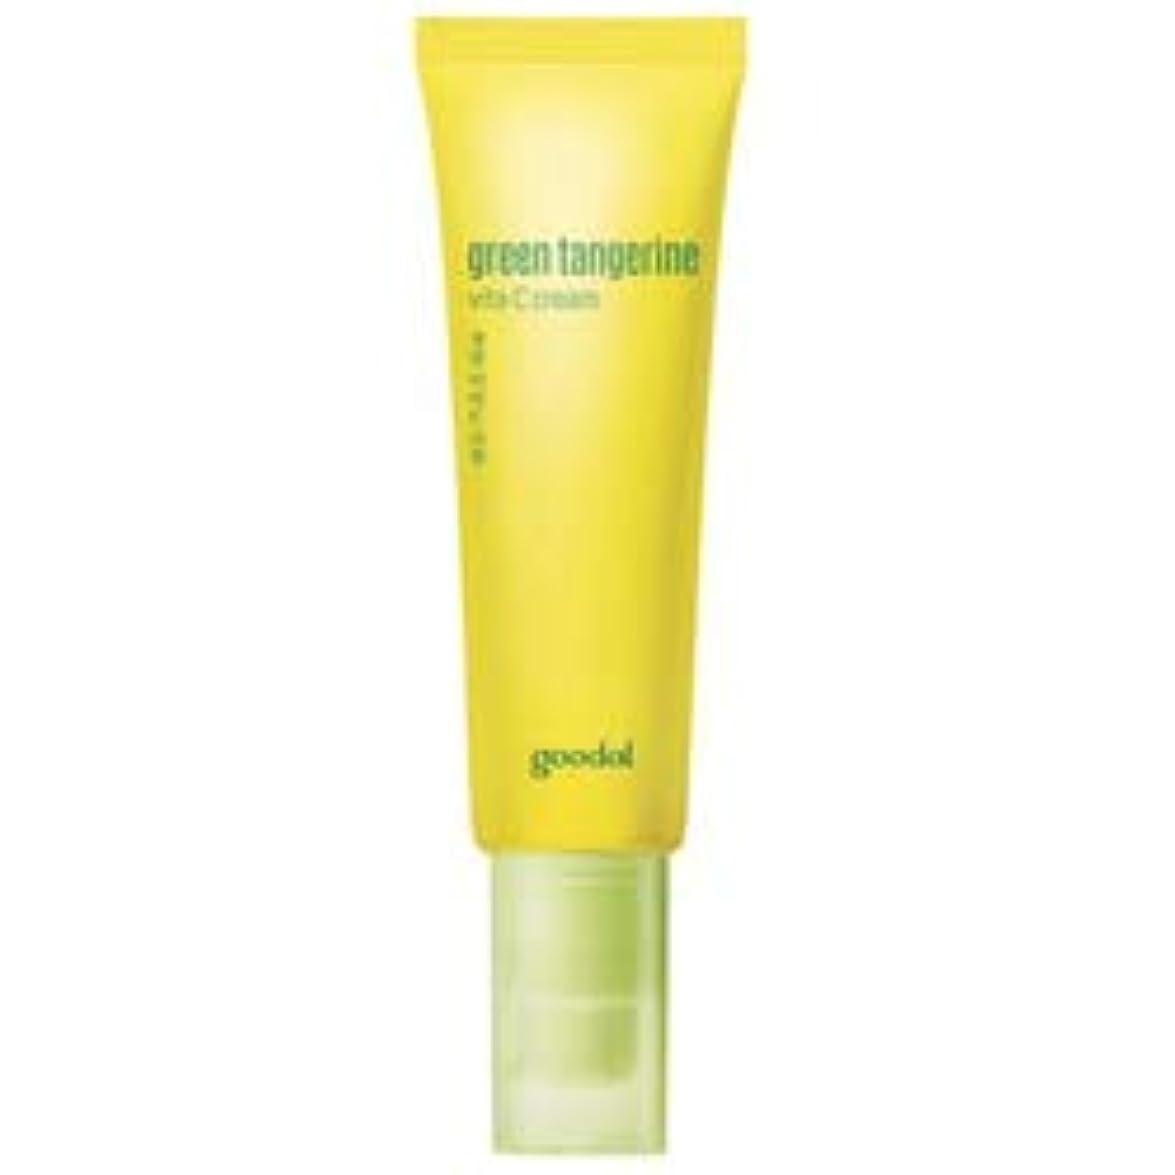 二次看板に対応[goodal] Green Tangerine Vita C cream 50ml / [グーダル]タンジェリン ビタC クリーム 50ml [並行輸入品]